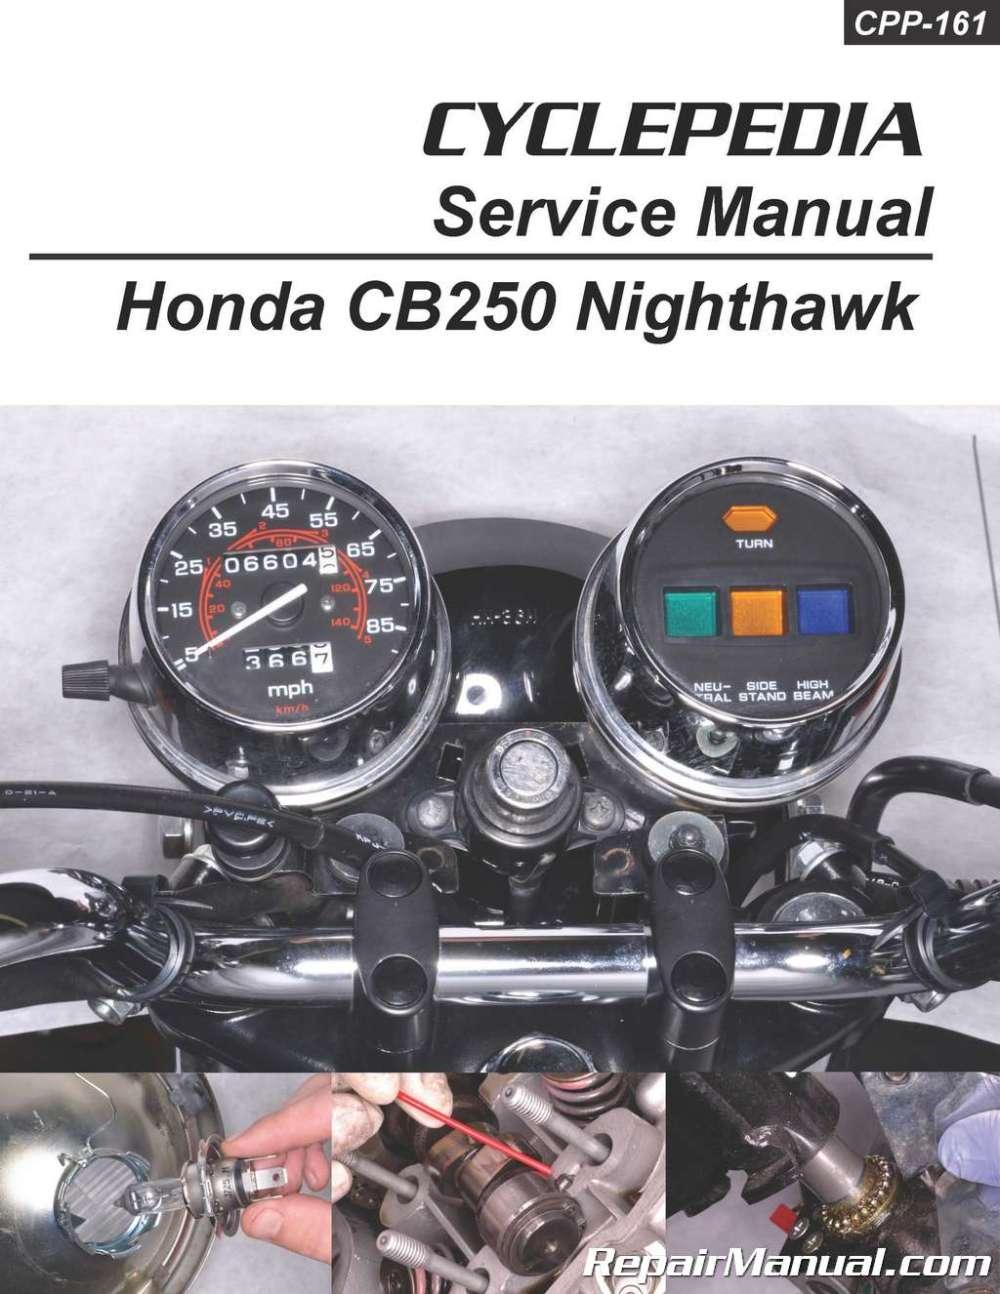 medium resolution of honda cb250 nighthawk